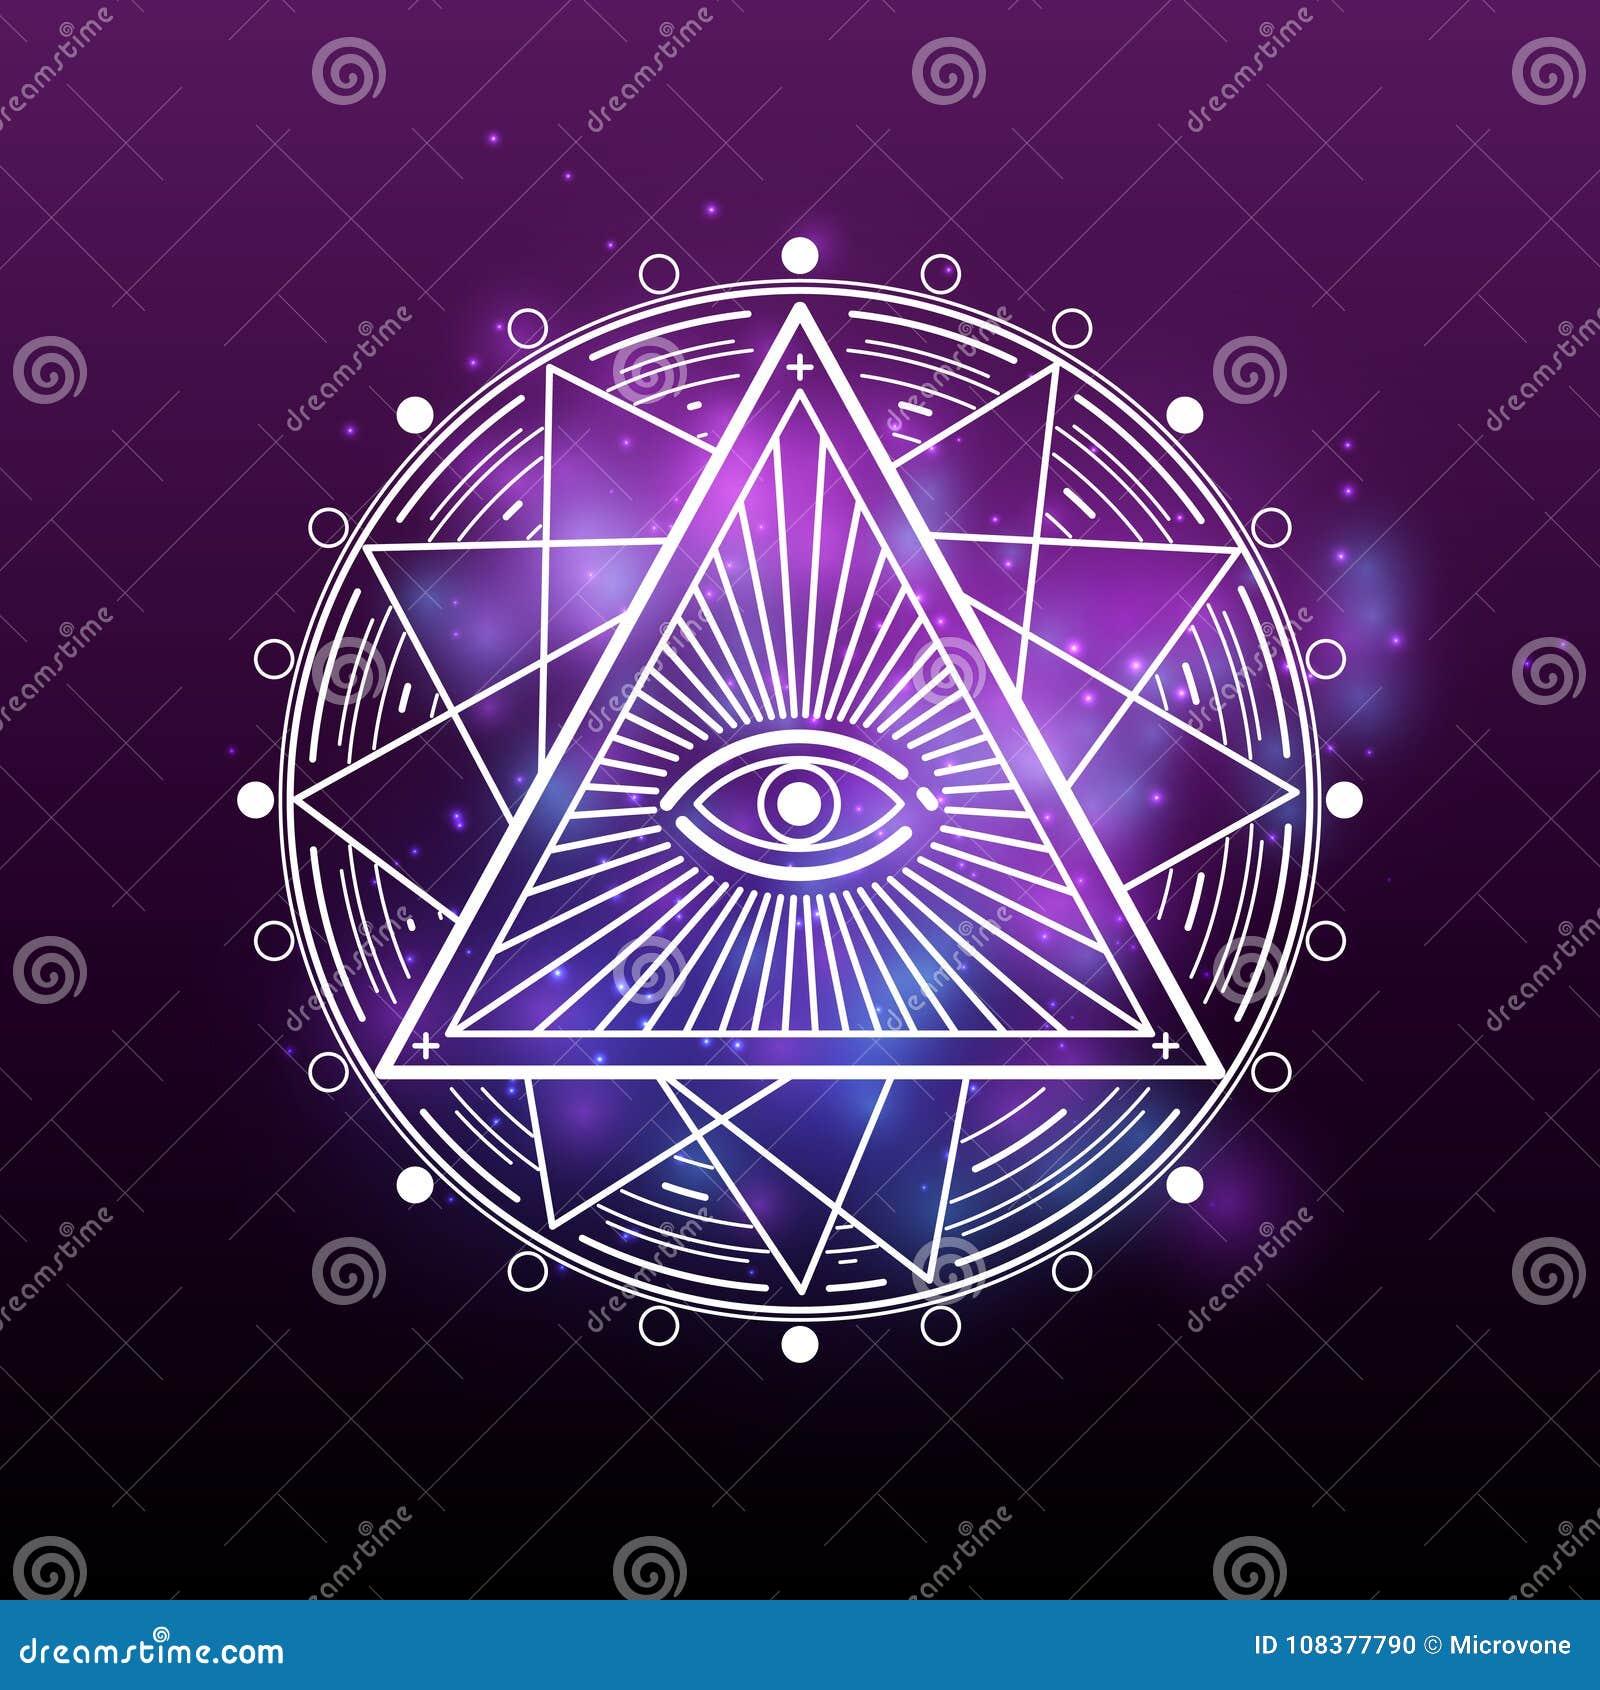 Белая тайна, оккультная, алхимия, мистическое эзотерическое